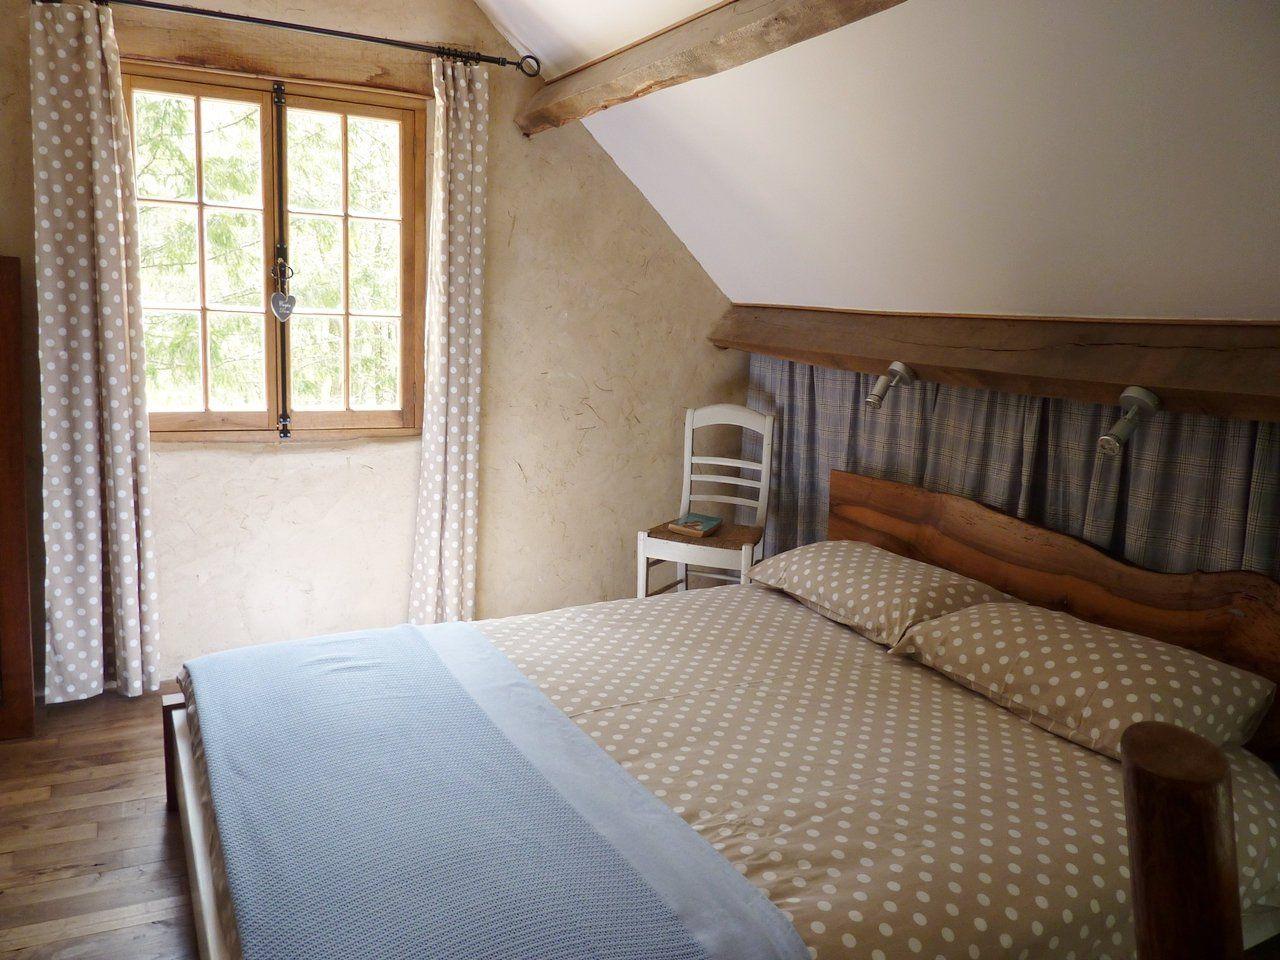 Cabin The secluded off grid Poacheru0027s Cabin in